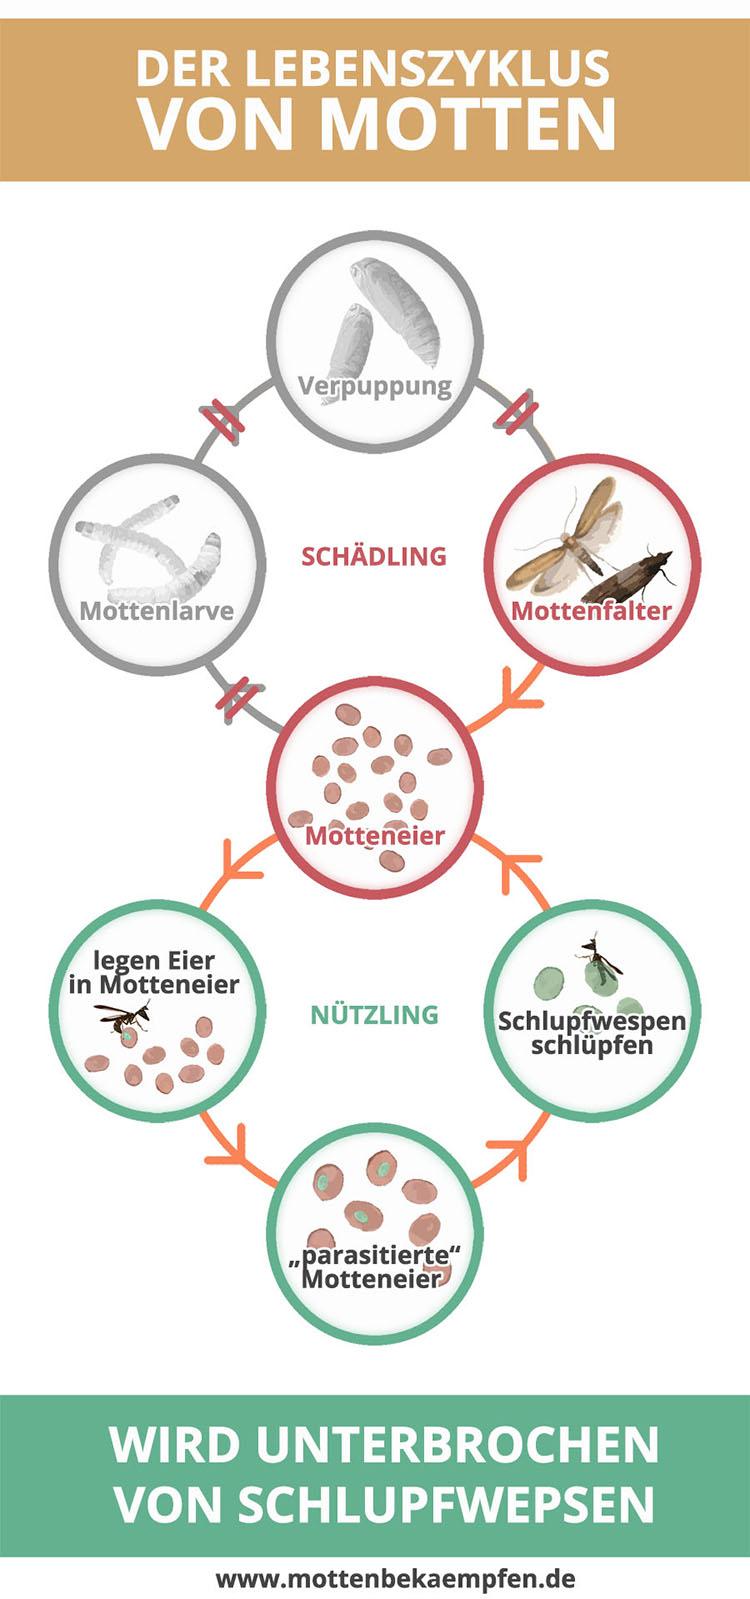 Schlupfwespen unterbrechen den Lebenszyklus von Motten (Schlupfwespen befallen Motteneier und vermehren sich dadurch selbst) - Mit Schlupfwepsen Motten clever bekämpfen